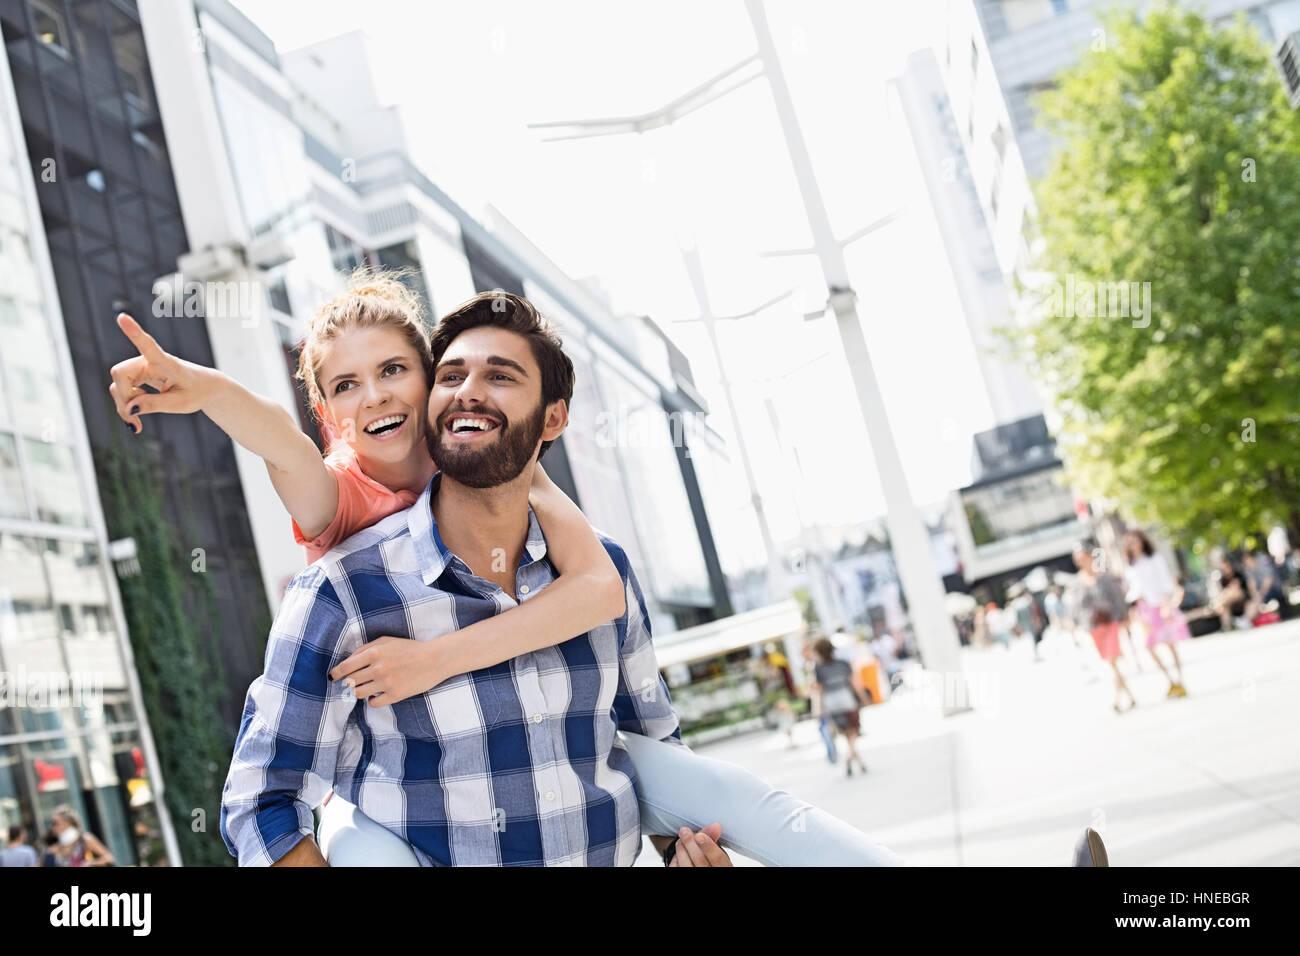 Glückliche Frau zeigen etwas zu Mann und genießen Huckepack Fahrt in die Stadt Stockbild